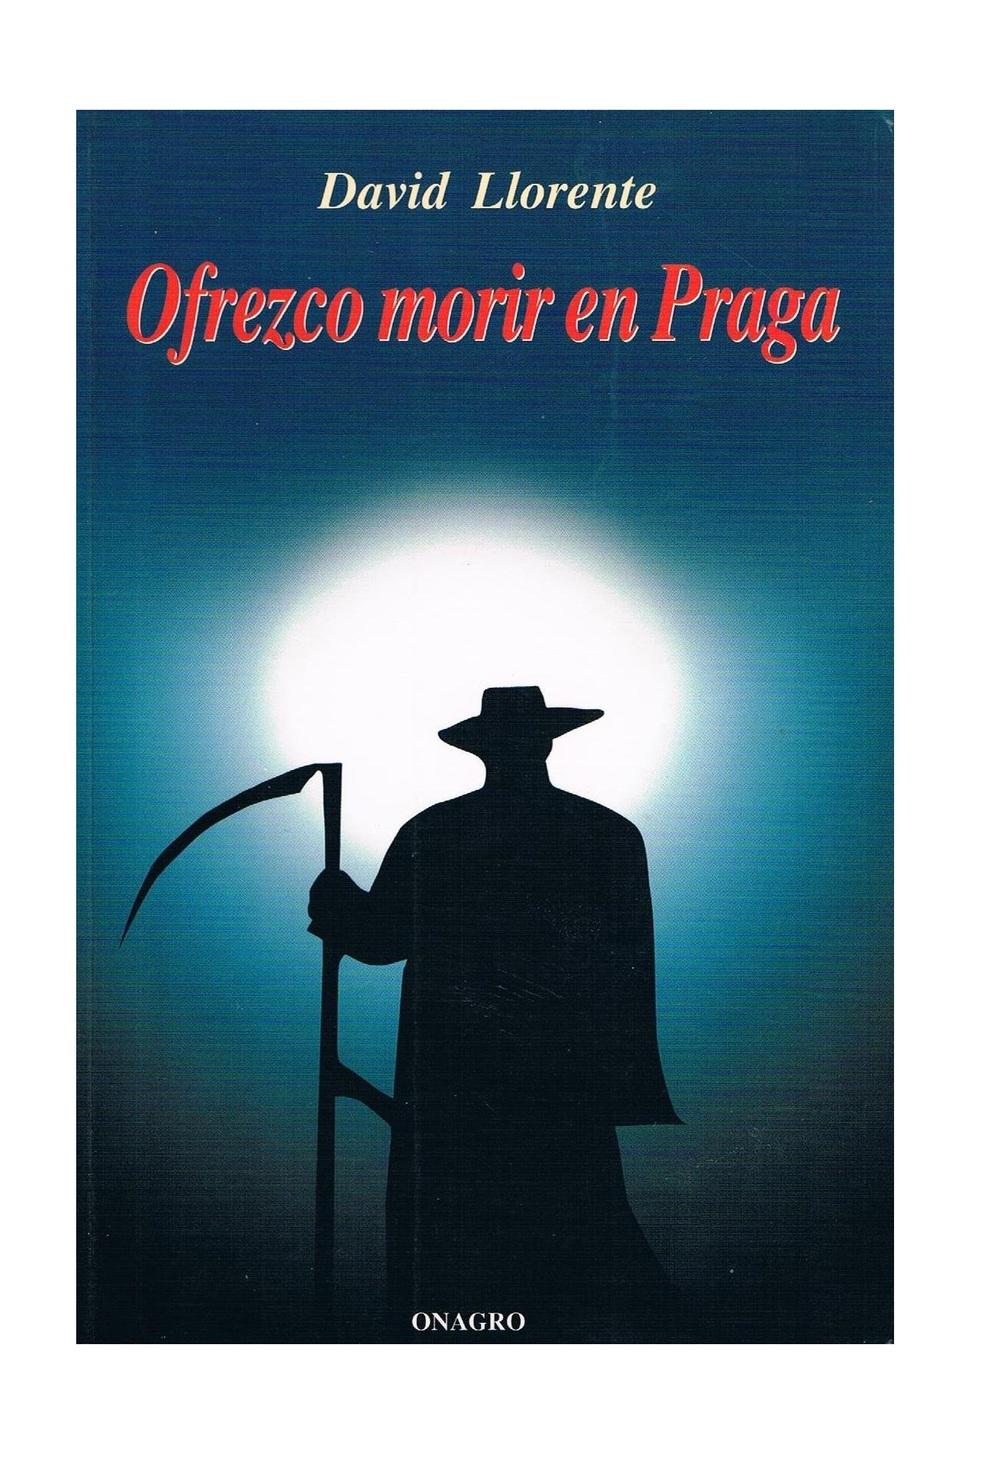 david_llorente_novela_ofrezco_morir_en_praga